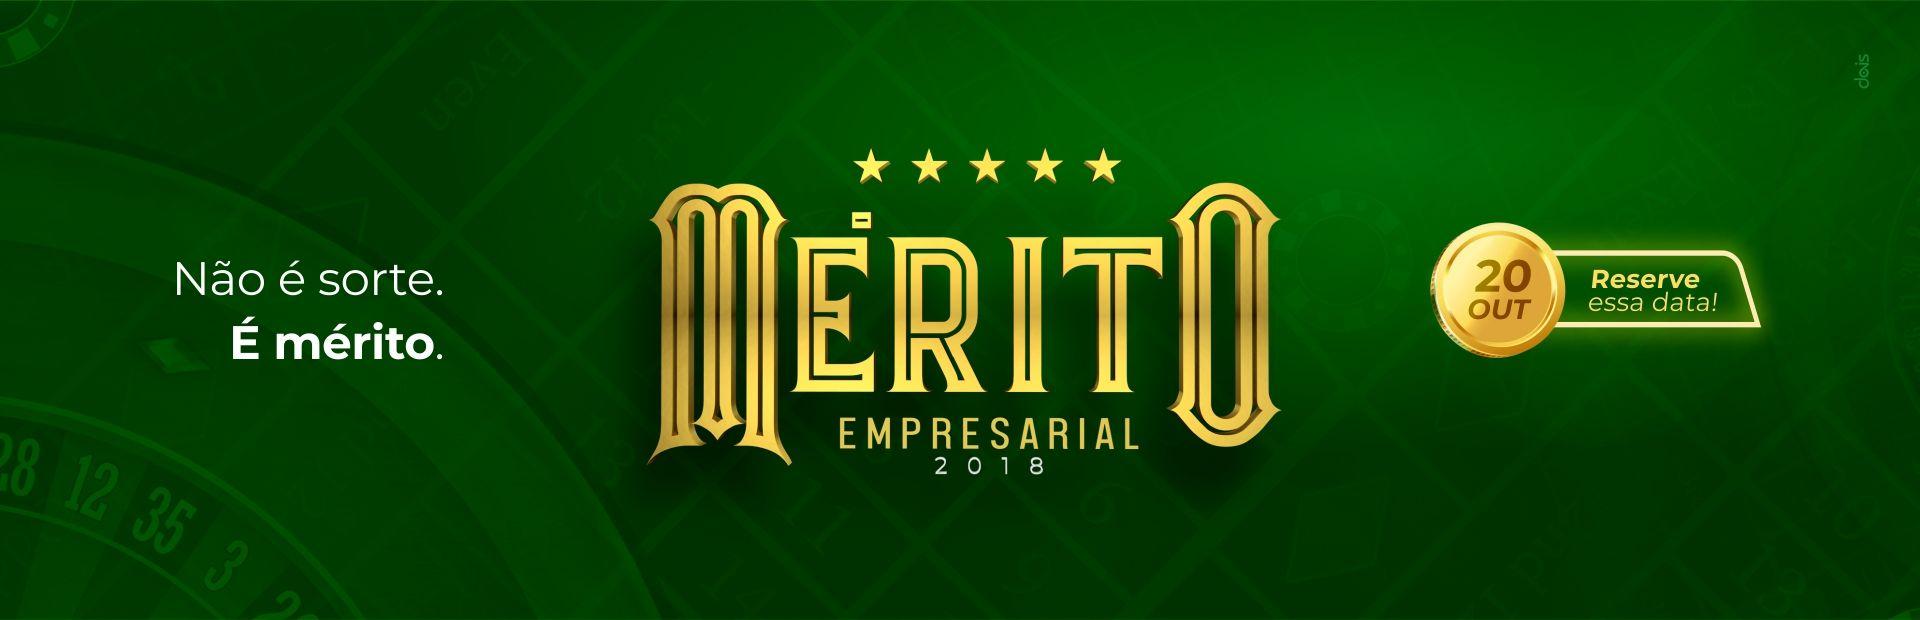 merito-empresarial-2018